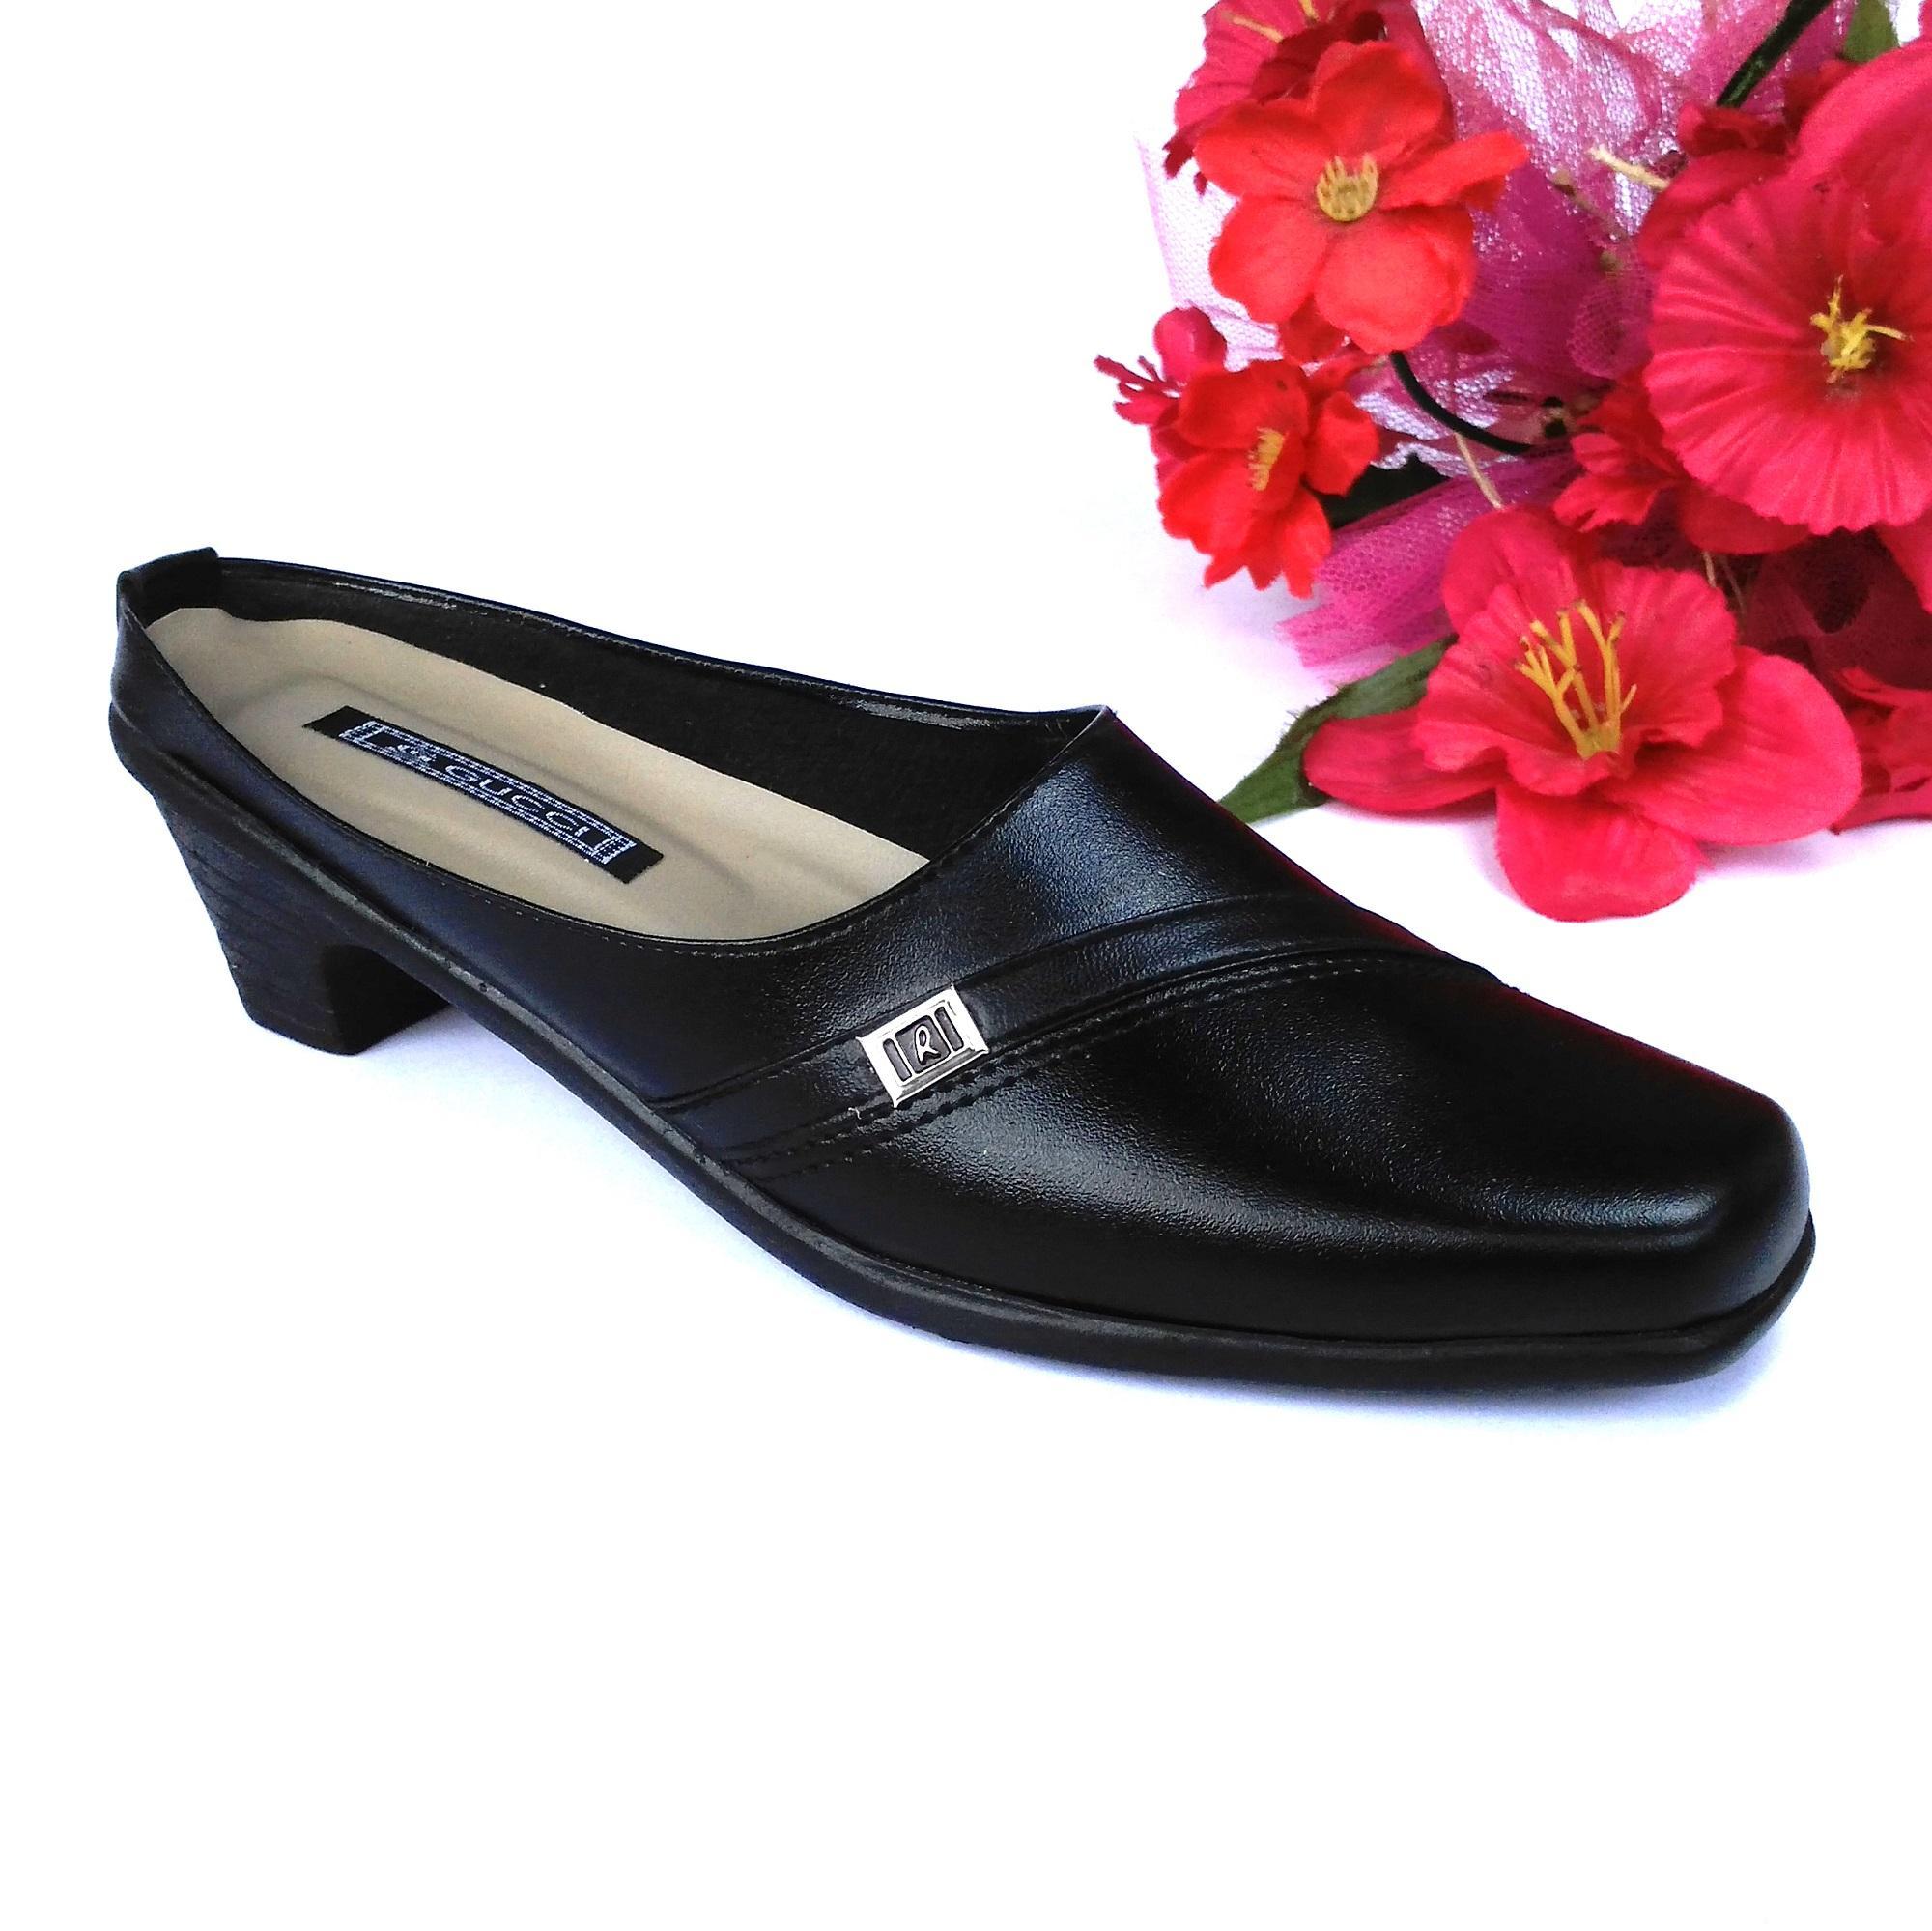 HQo Sepatu Pantofel Wanita / Sepatu Wanita Formal / Sepatu Pantofel Paskibra Wanita Bertali / Sepatu Kerja Wanita / Sepatu Kantor Wanita / Sepatu Kulit Wanita / Sepatu Sekolah Anak Wanita Hitam / SCO